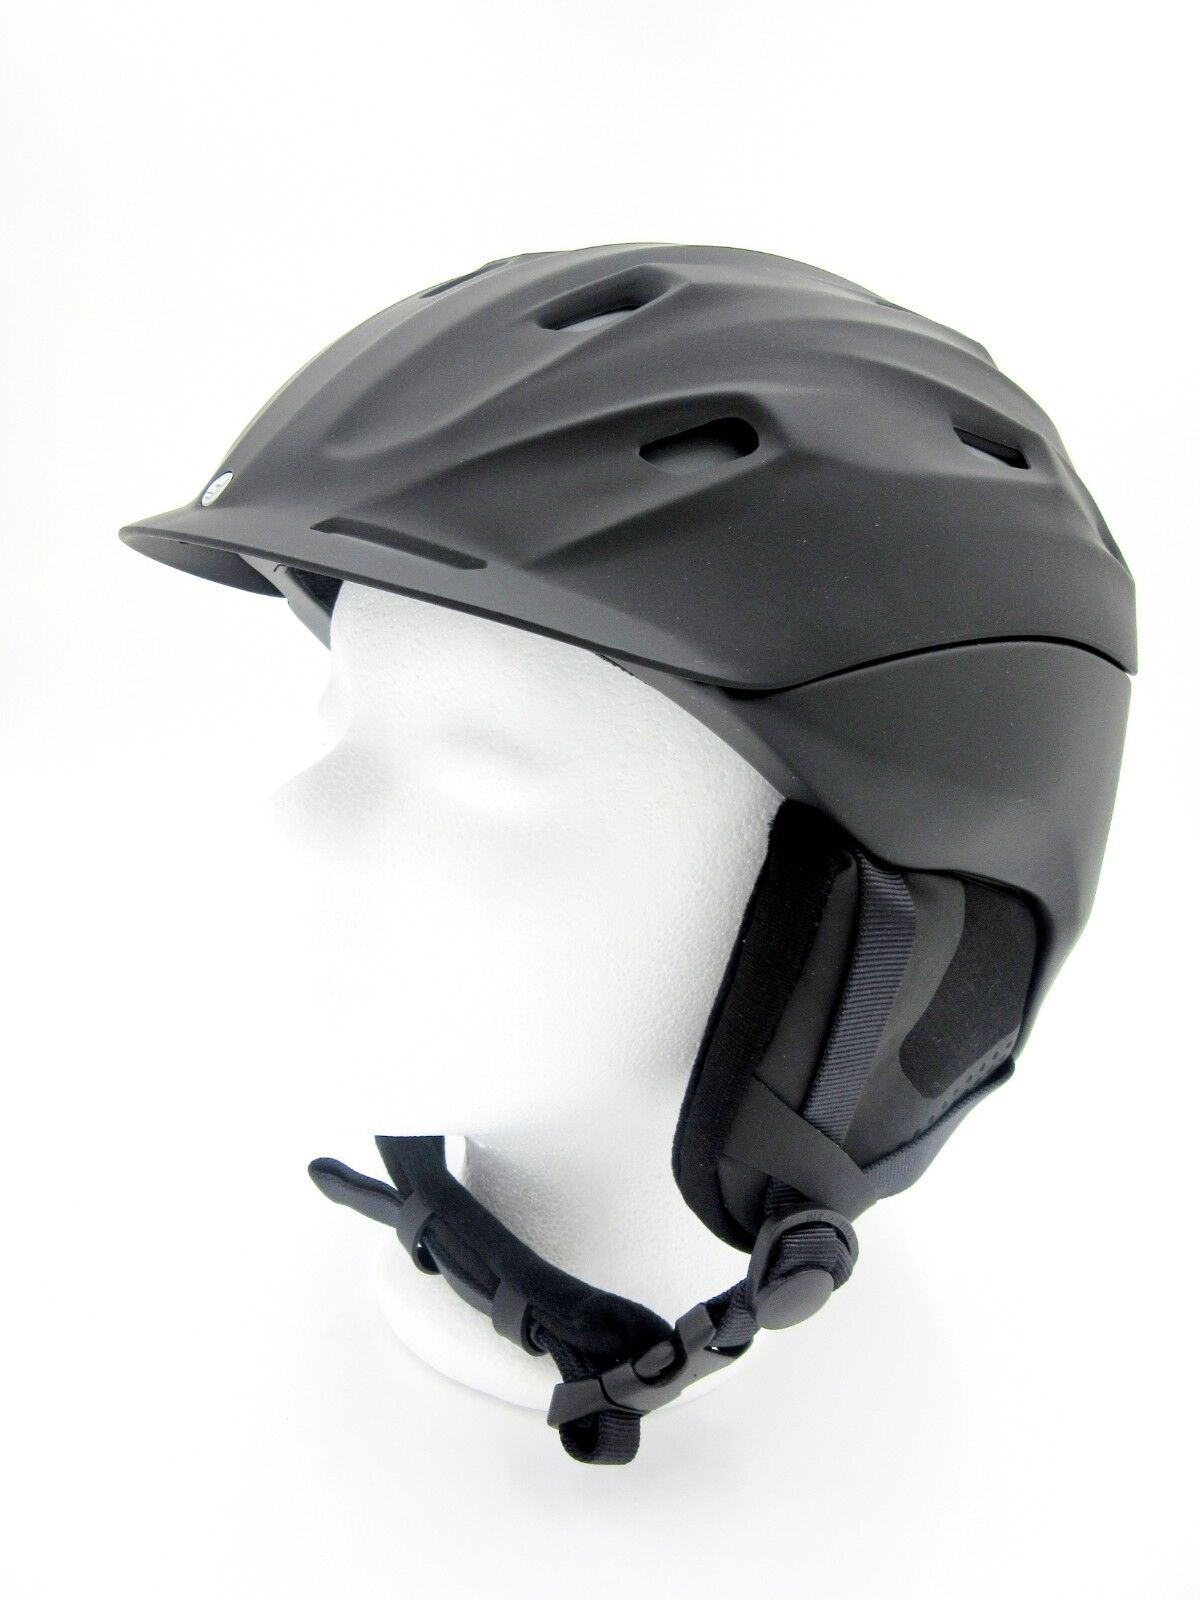 Carrera Makani 2.13 Helmet Gr. 59-61 cm matt Ski Snowboard Helmet Snowboard Helmet